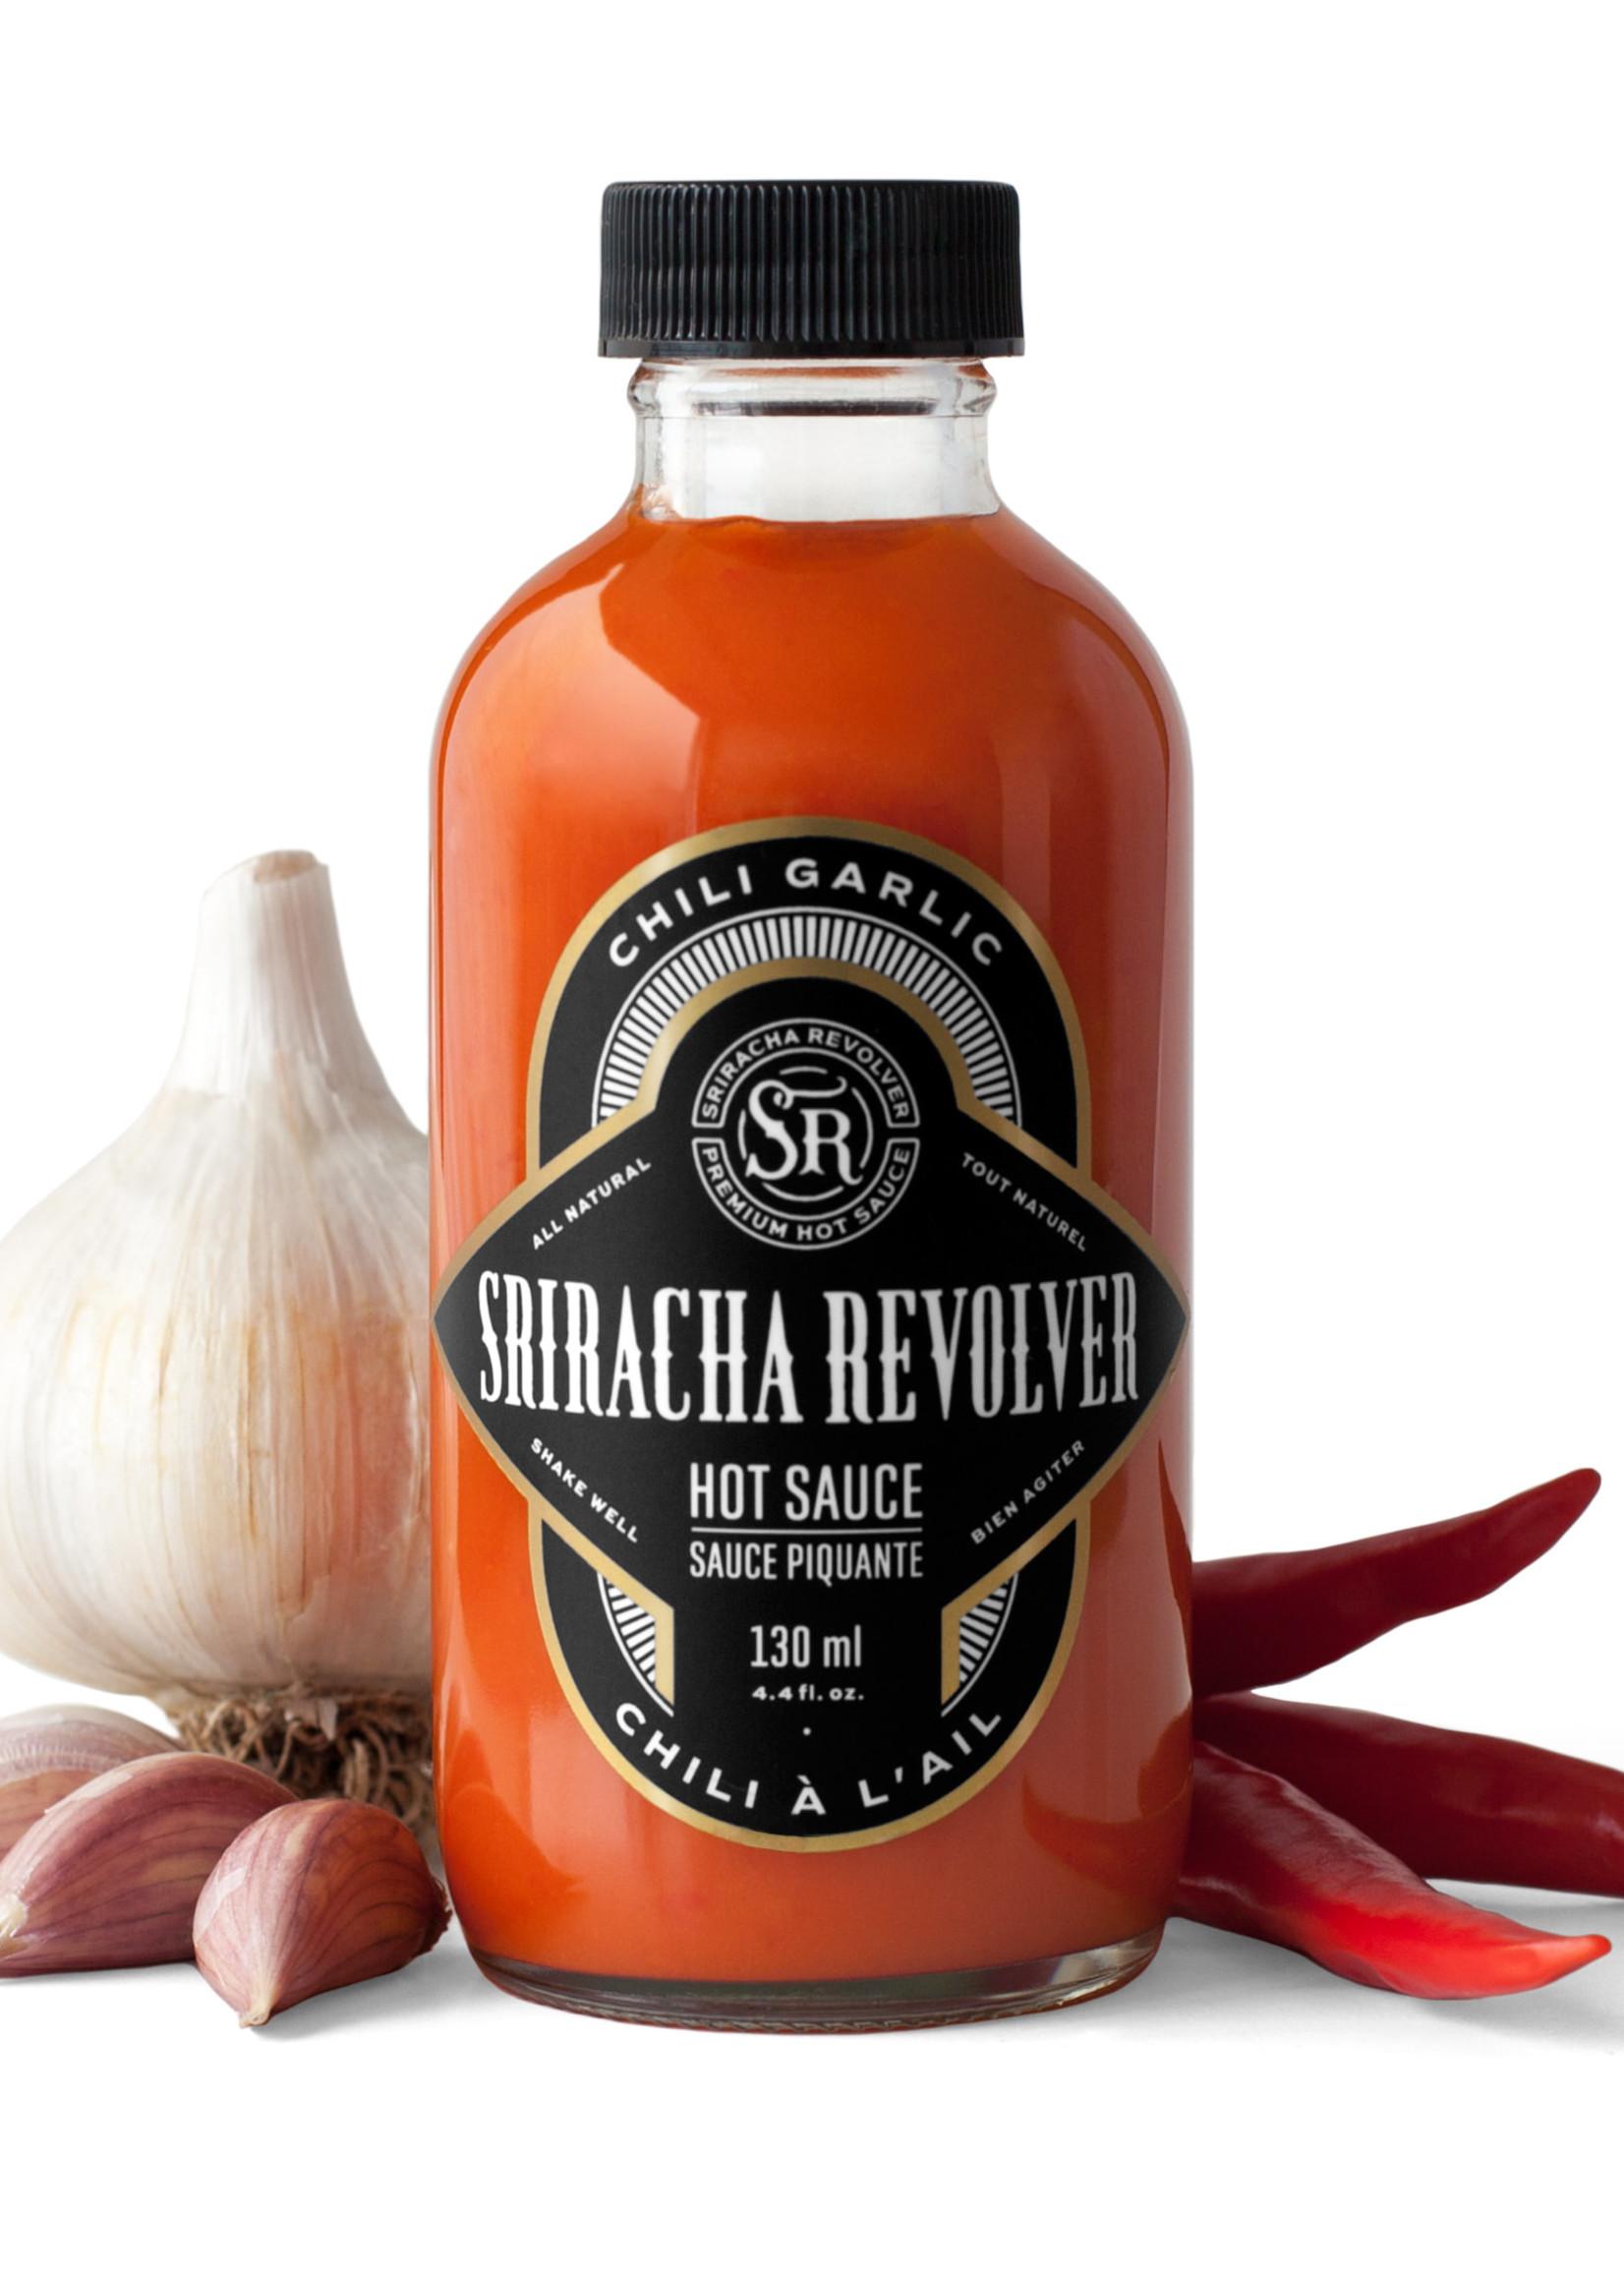 Sriracha Revolver Sriracha Revolver - Chili + Garlic Sriracha